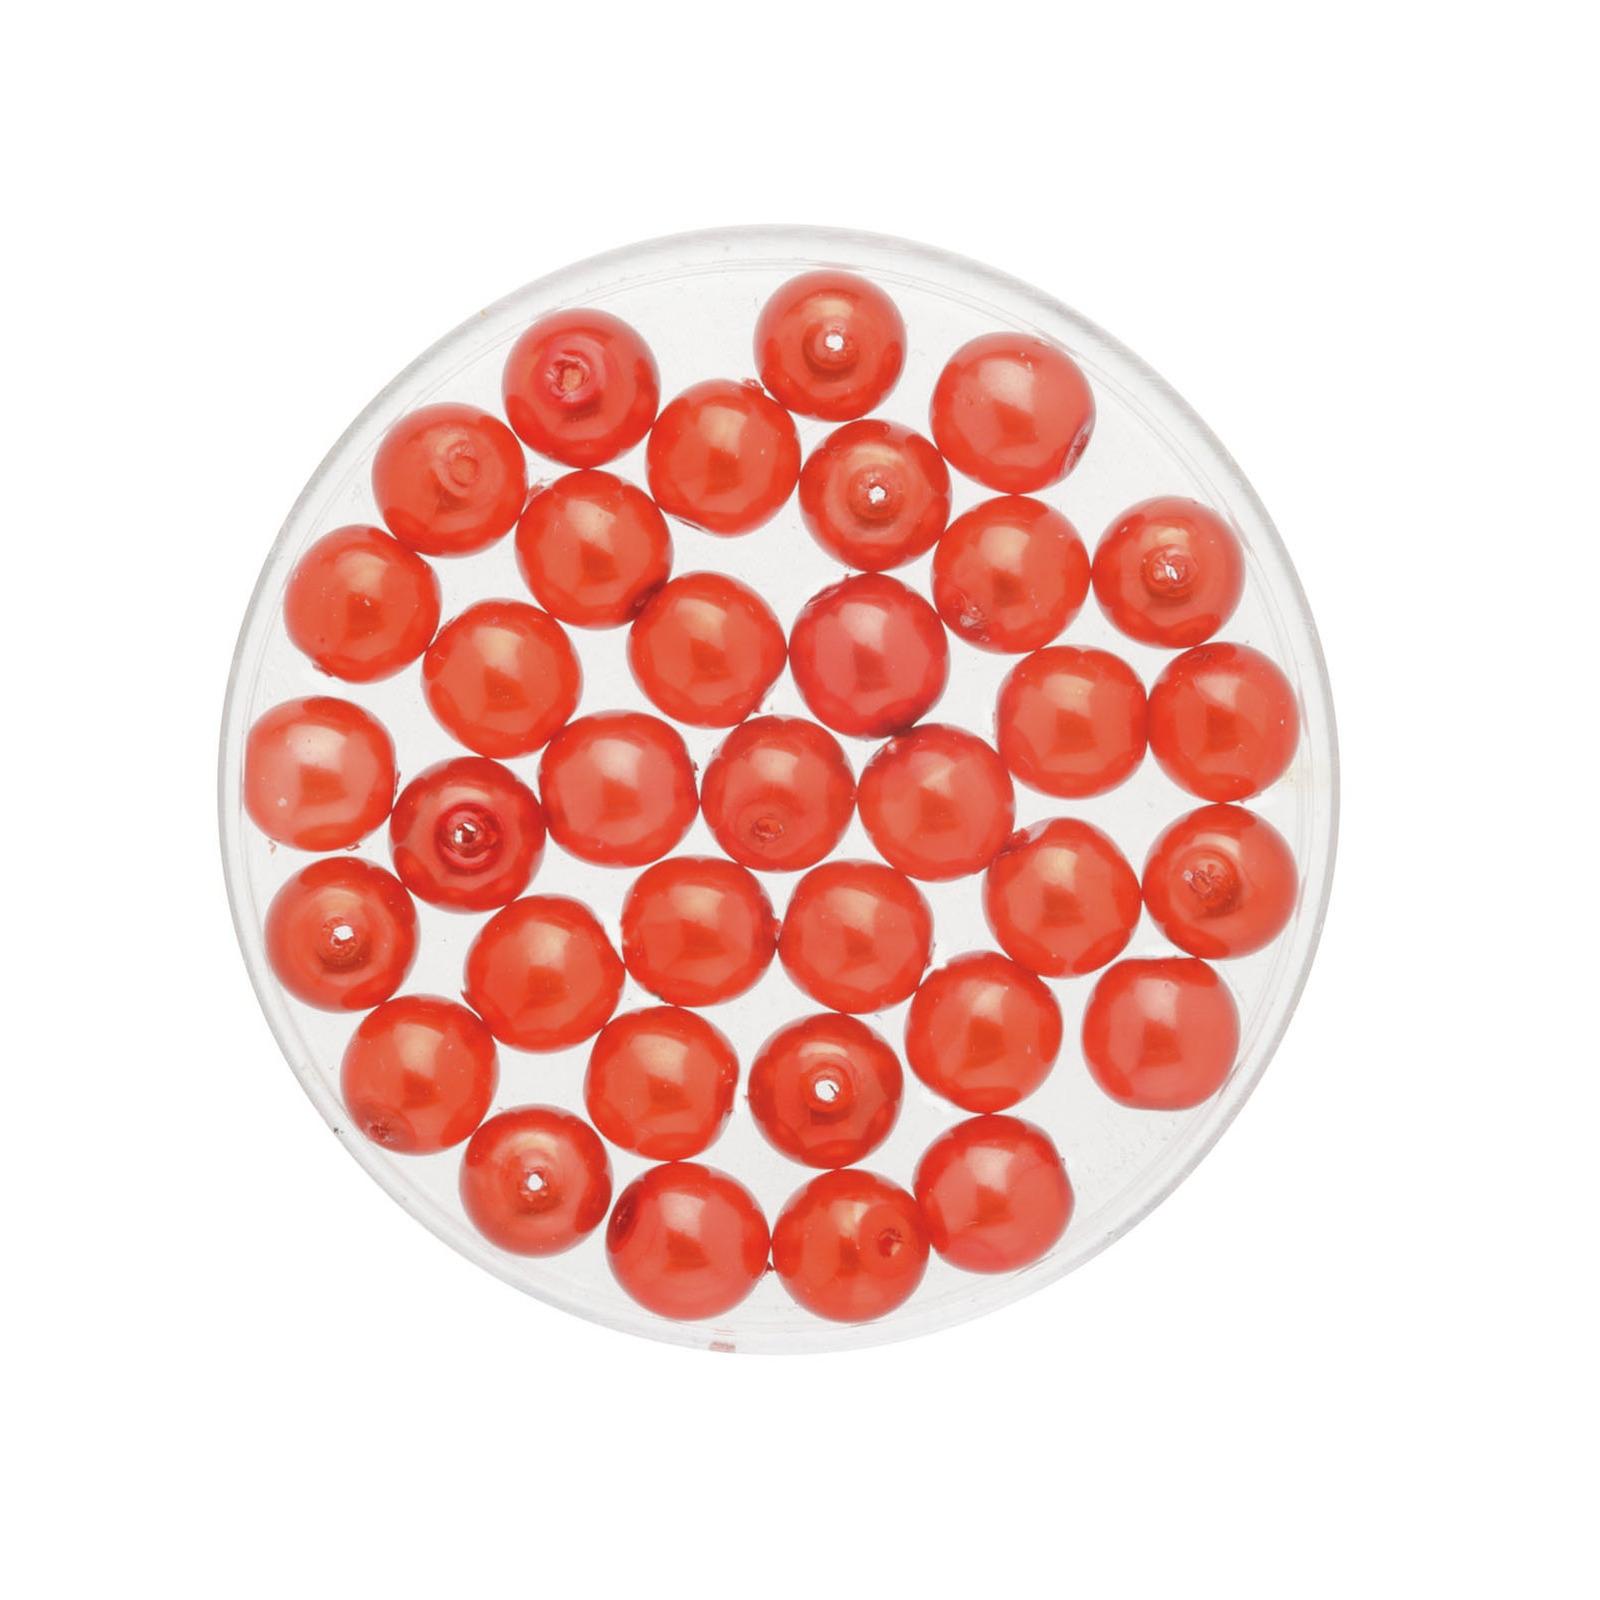 50x stuks sieraden maken Boheemse glaskralen in het transparant rood van 6 mm